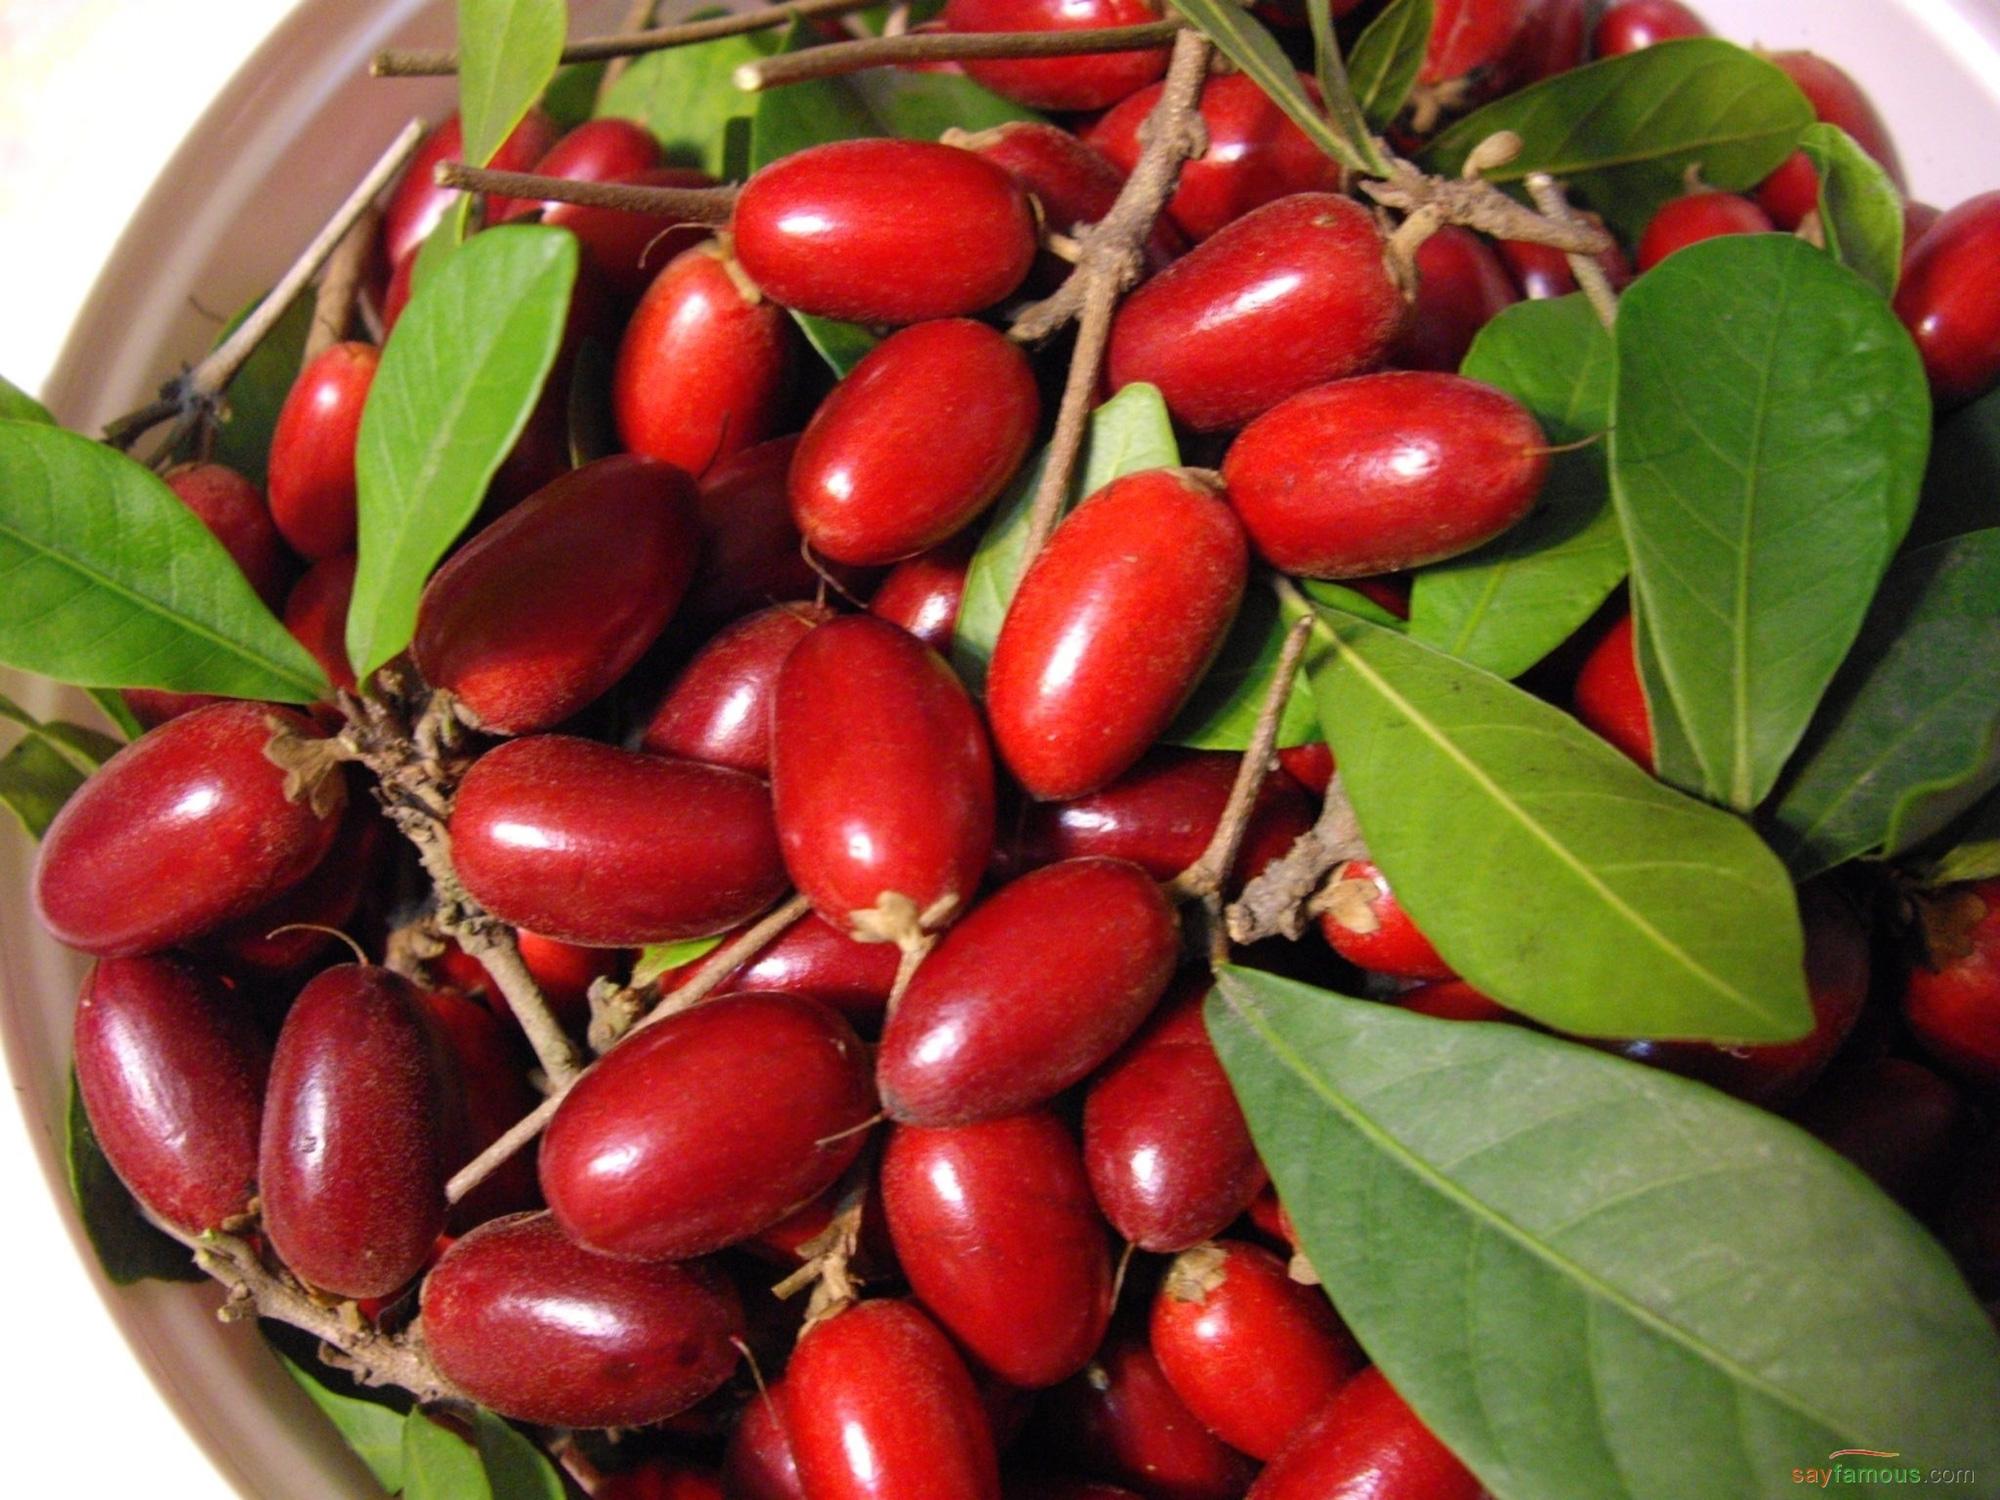 Việt Nam có loại quả thần: có khả năng thay đổi vị giác con người, ăn vào thì dù nếm vị gì cũng ra vị ngọt - Ảnh 1.